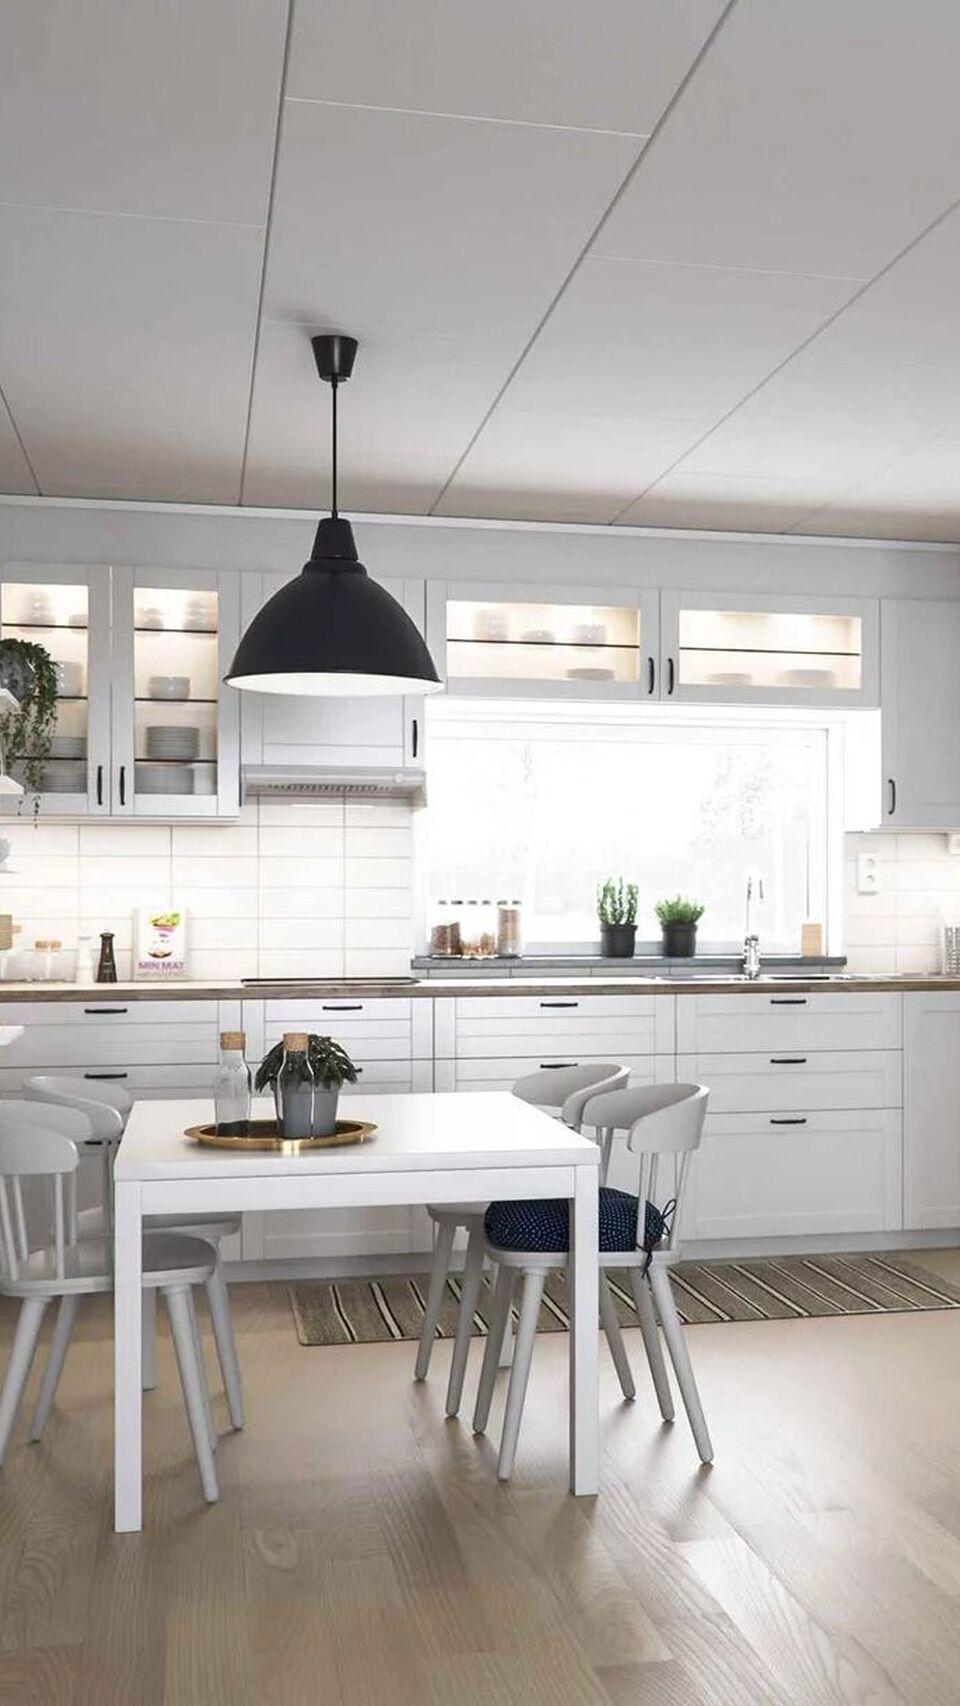 Demans hastaları için tasarlanmış Ikea evleri 2